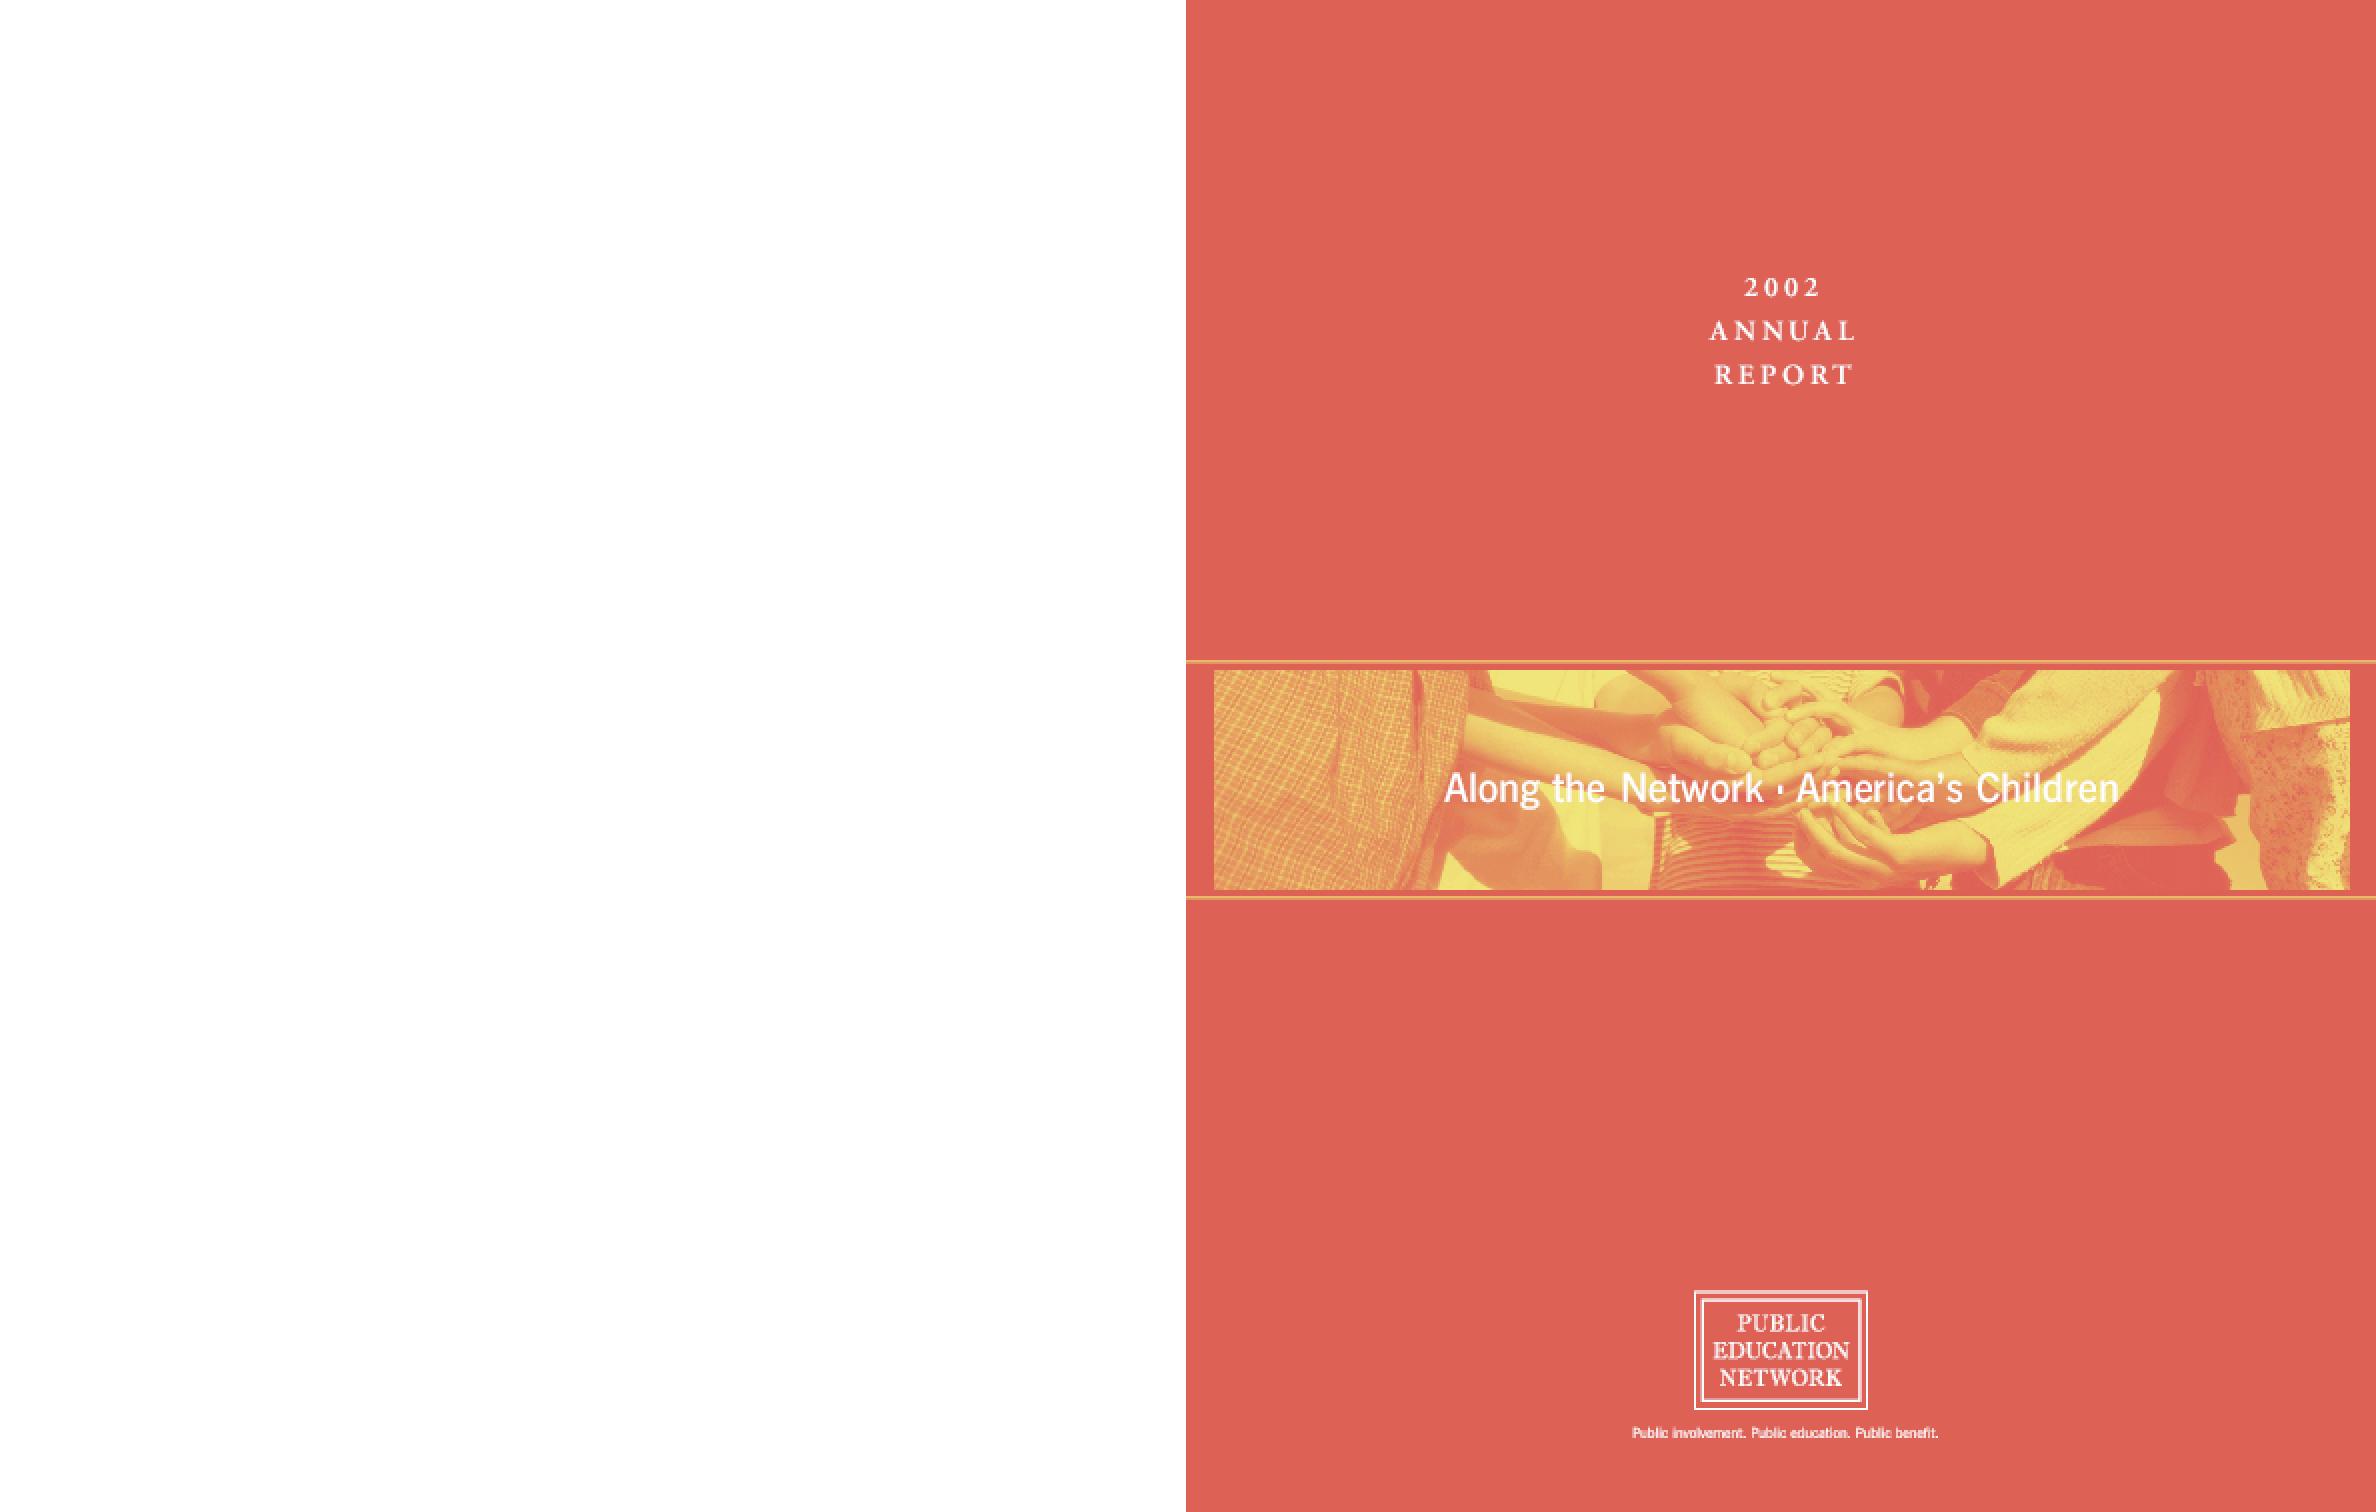 Public Education Network 2002 Annual Report - America's Children